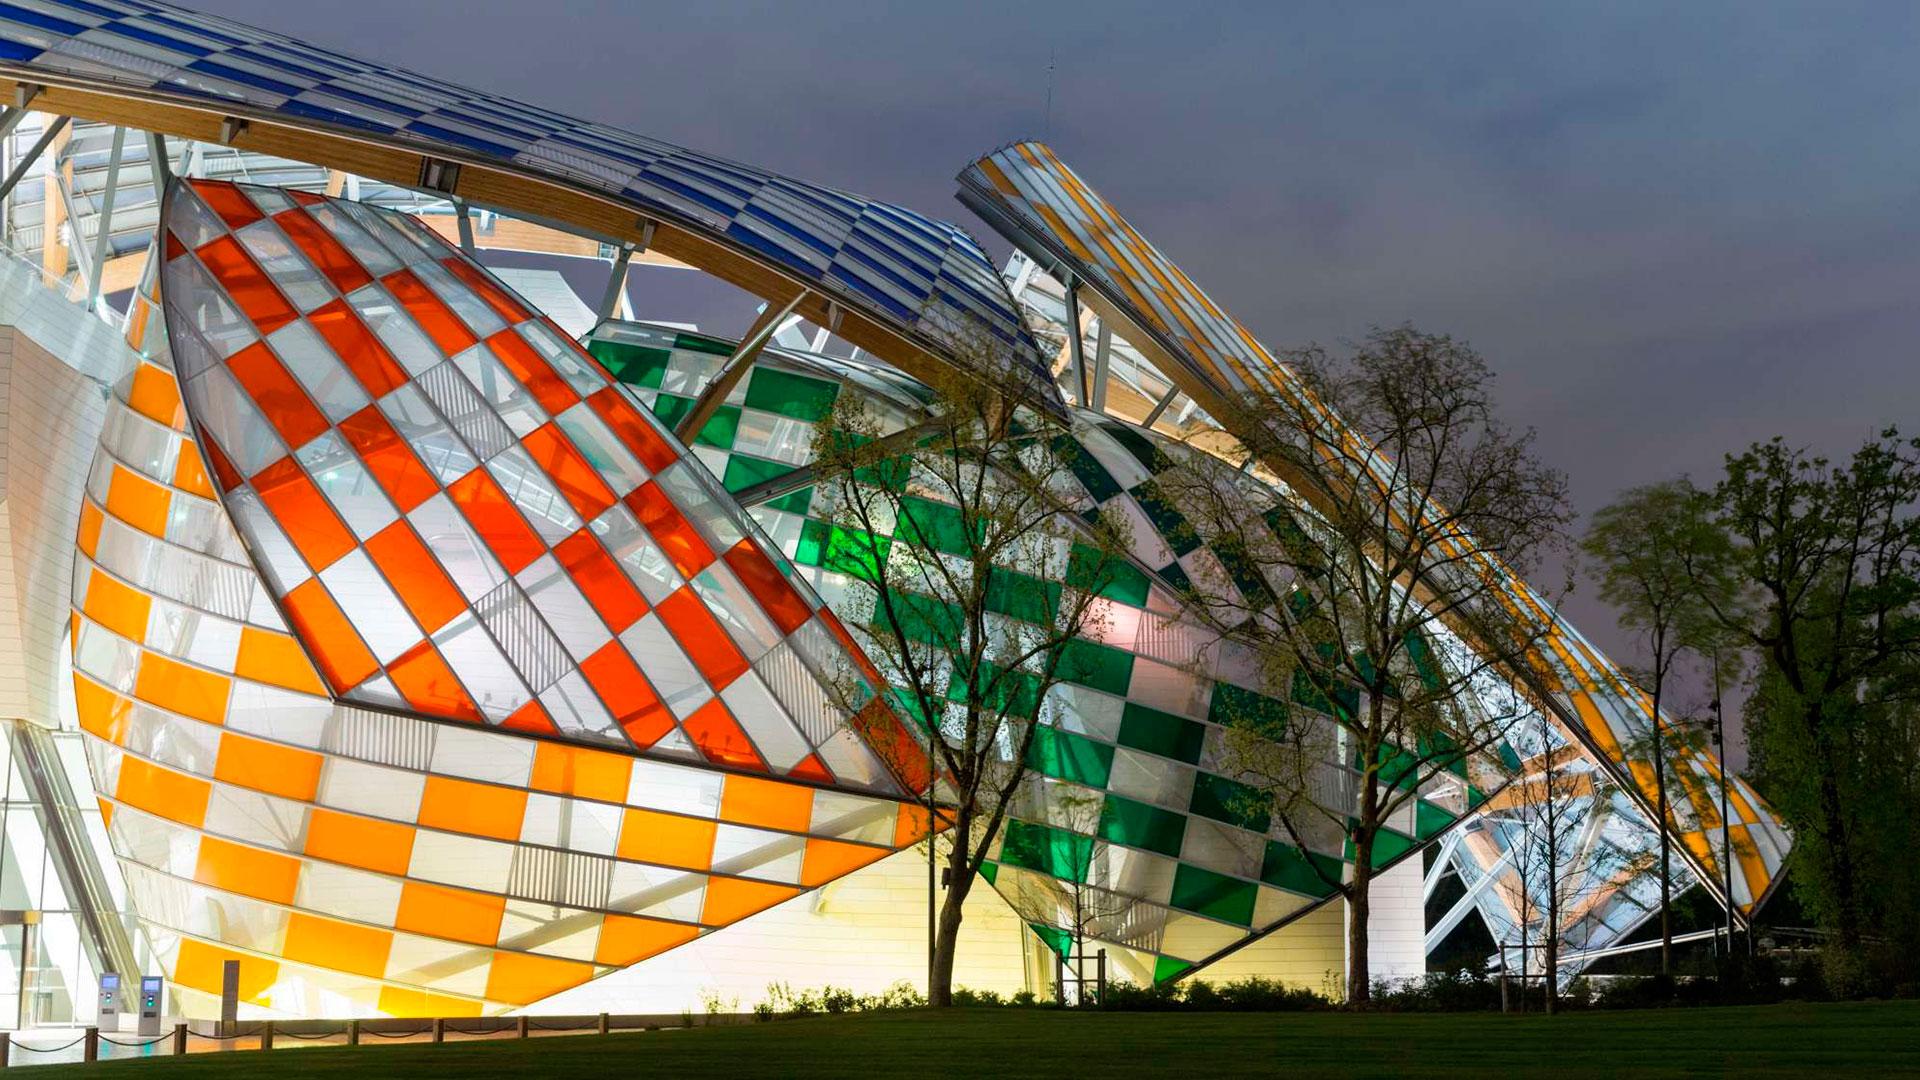 El artista Daniel Buren en colaboración con Frank Gehry crean la obra Observatorio de la Luz